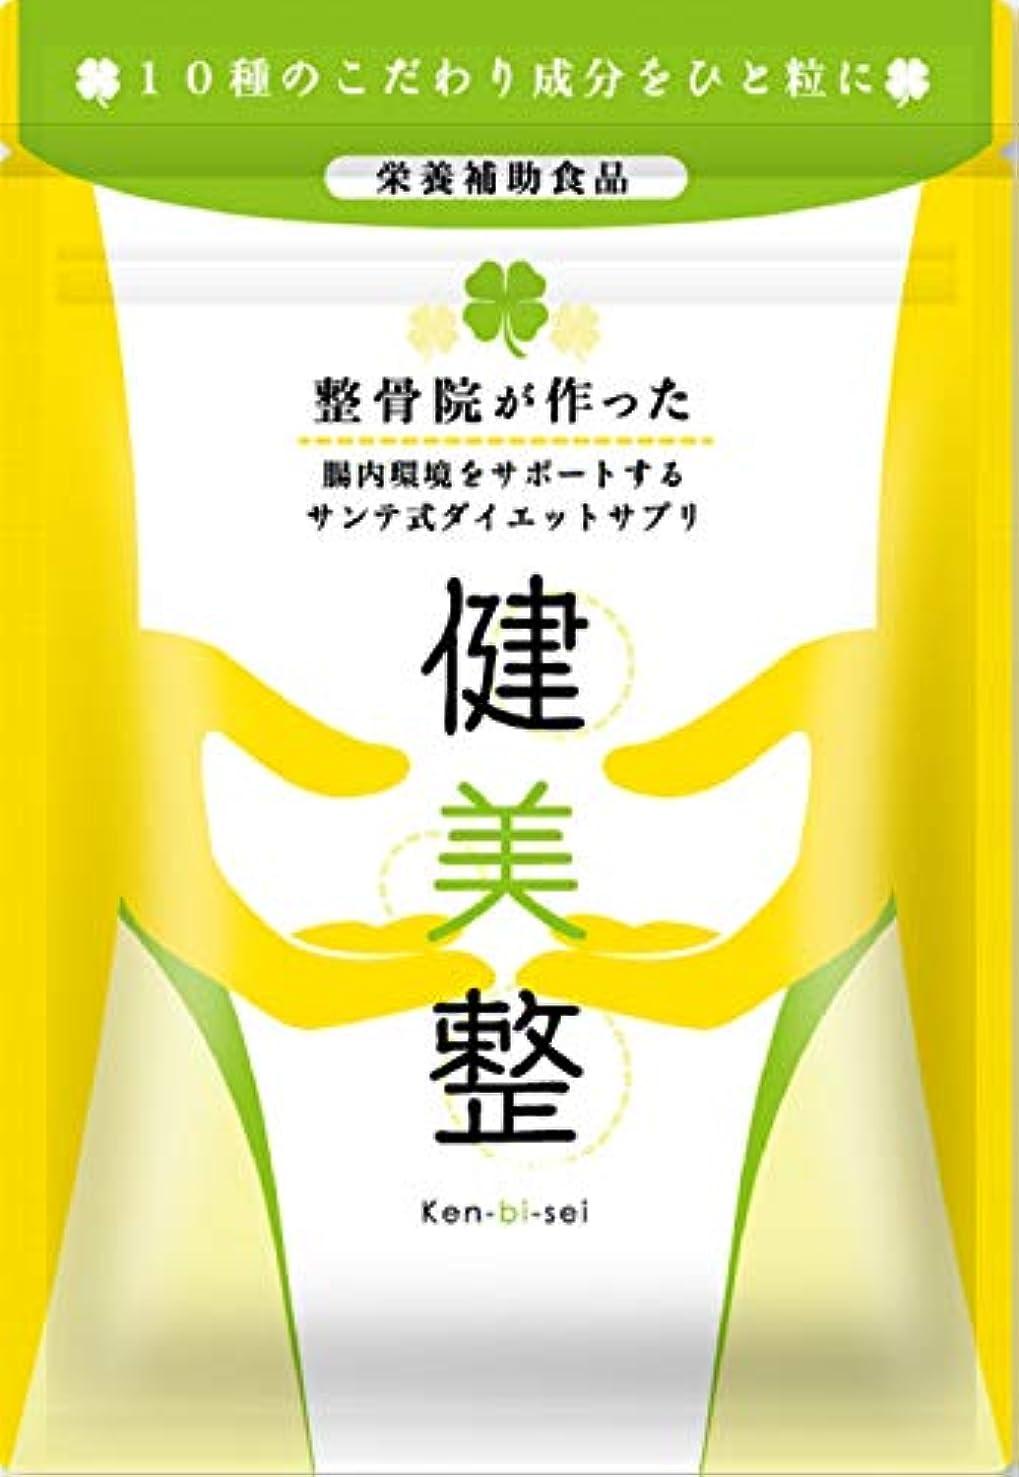 ストライプレパートリー成熟サプリメント ダイエット 酵素 腸内 健美整 人気 腸内環境 60粒1か月分 (1)